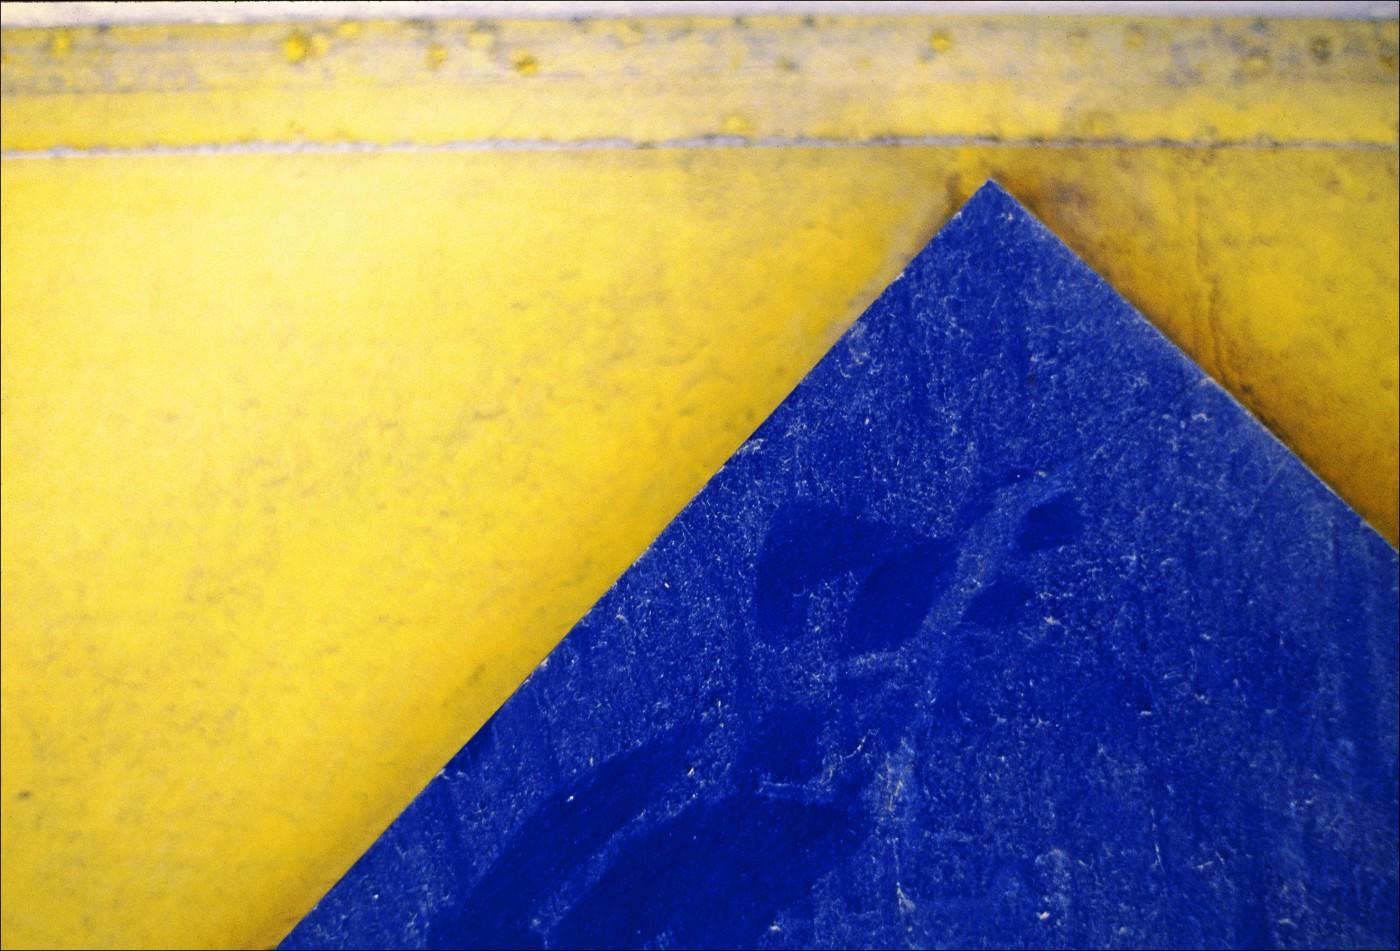 Paul Fabris, </span><span><em>Victoria Wall, 1993</em>, </span><span>Epson Ultrachrome Print, 12x18